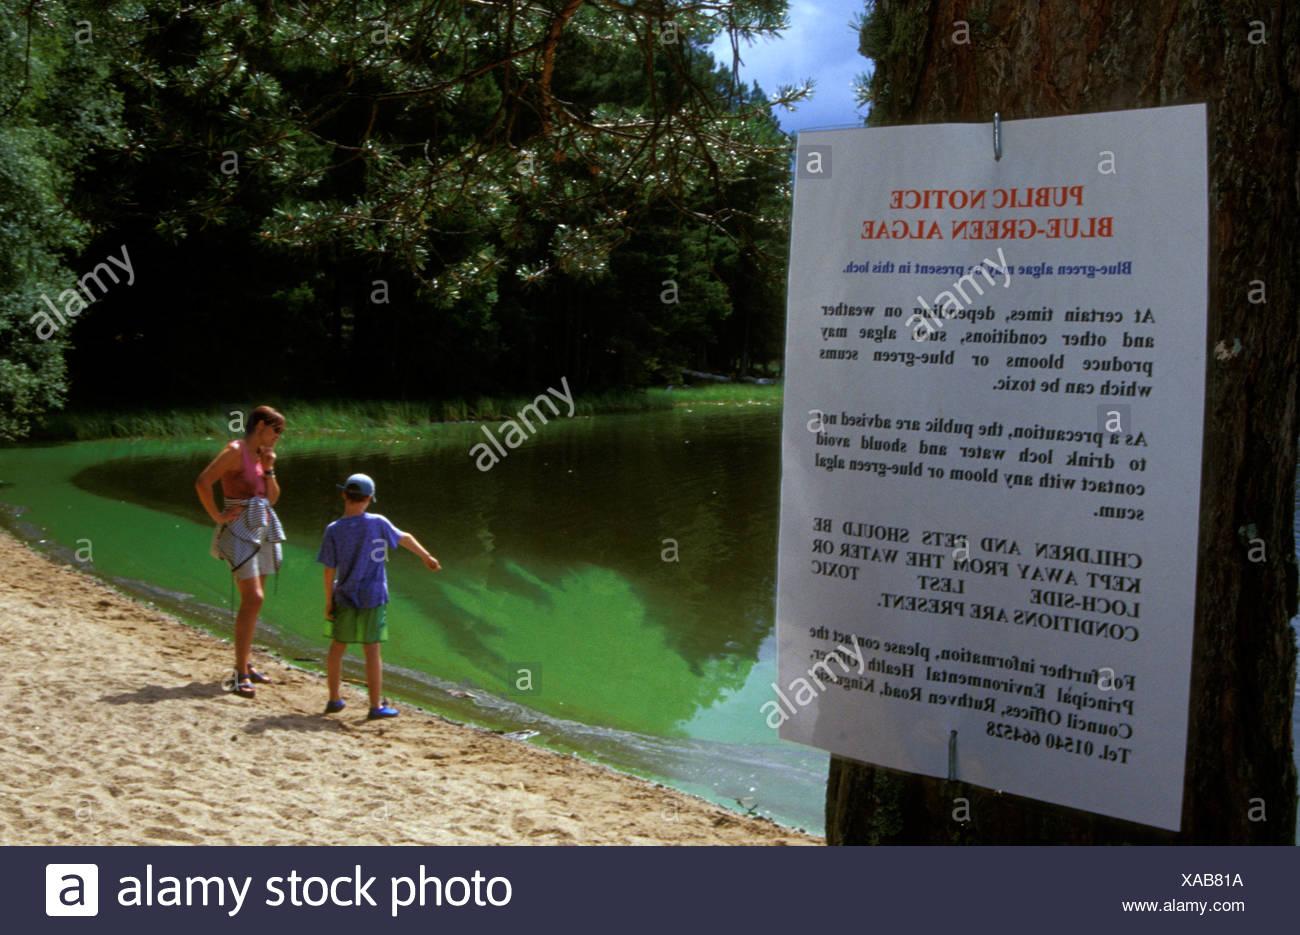 algae in water of loch garten so no one can swim highlands scotland XAB81A